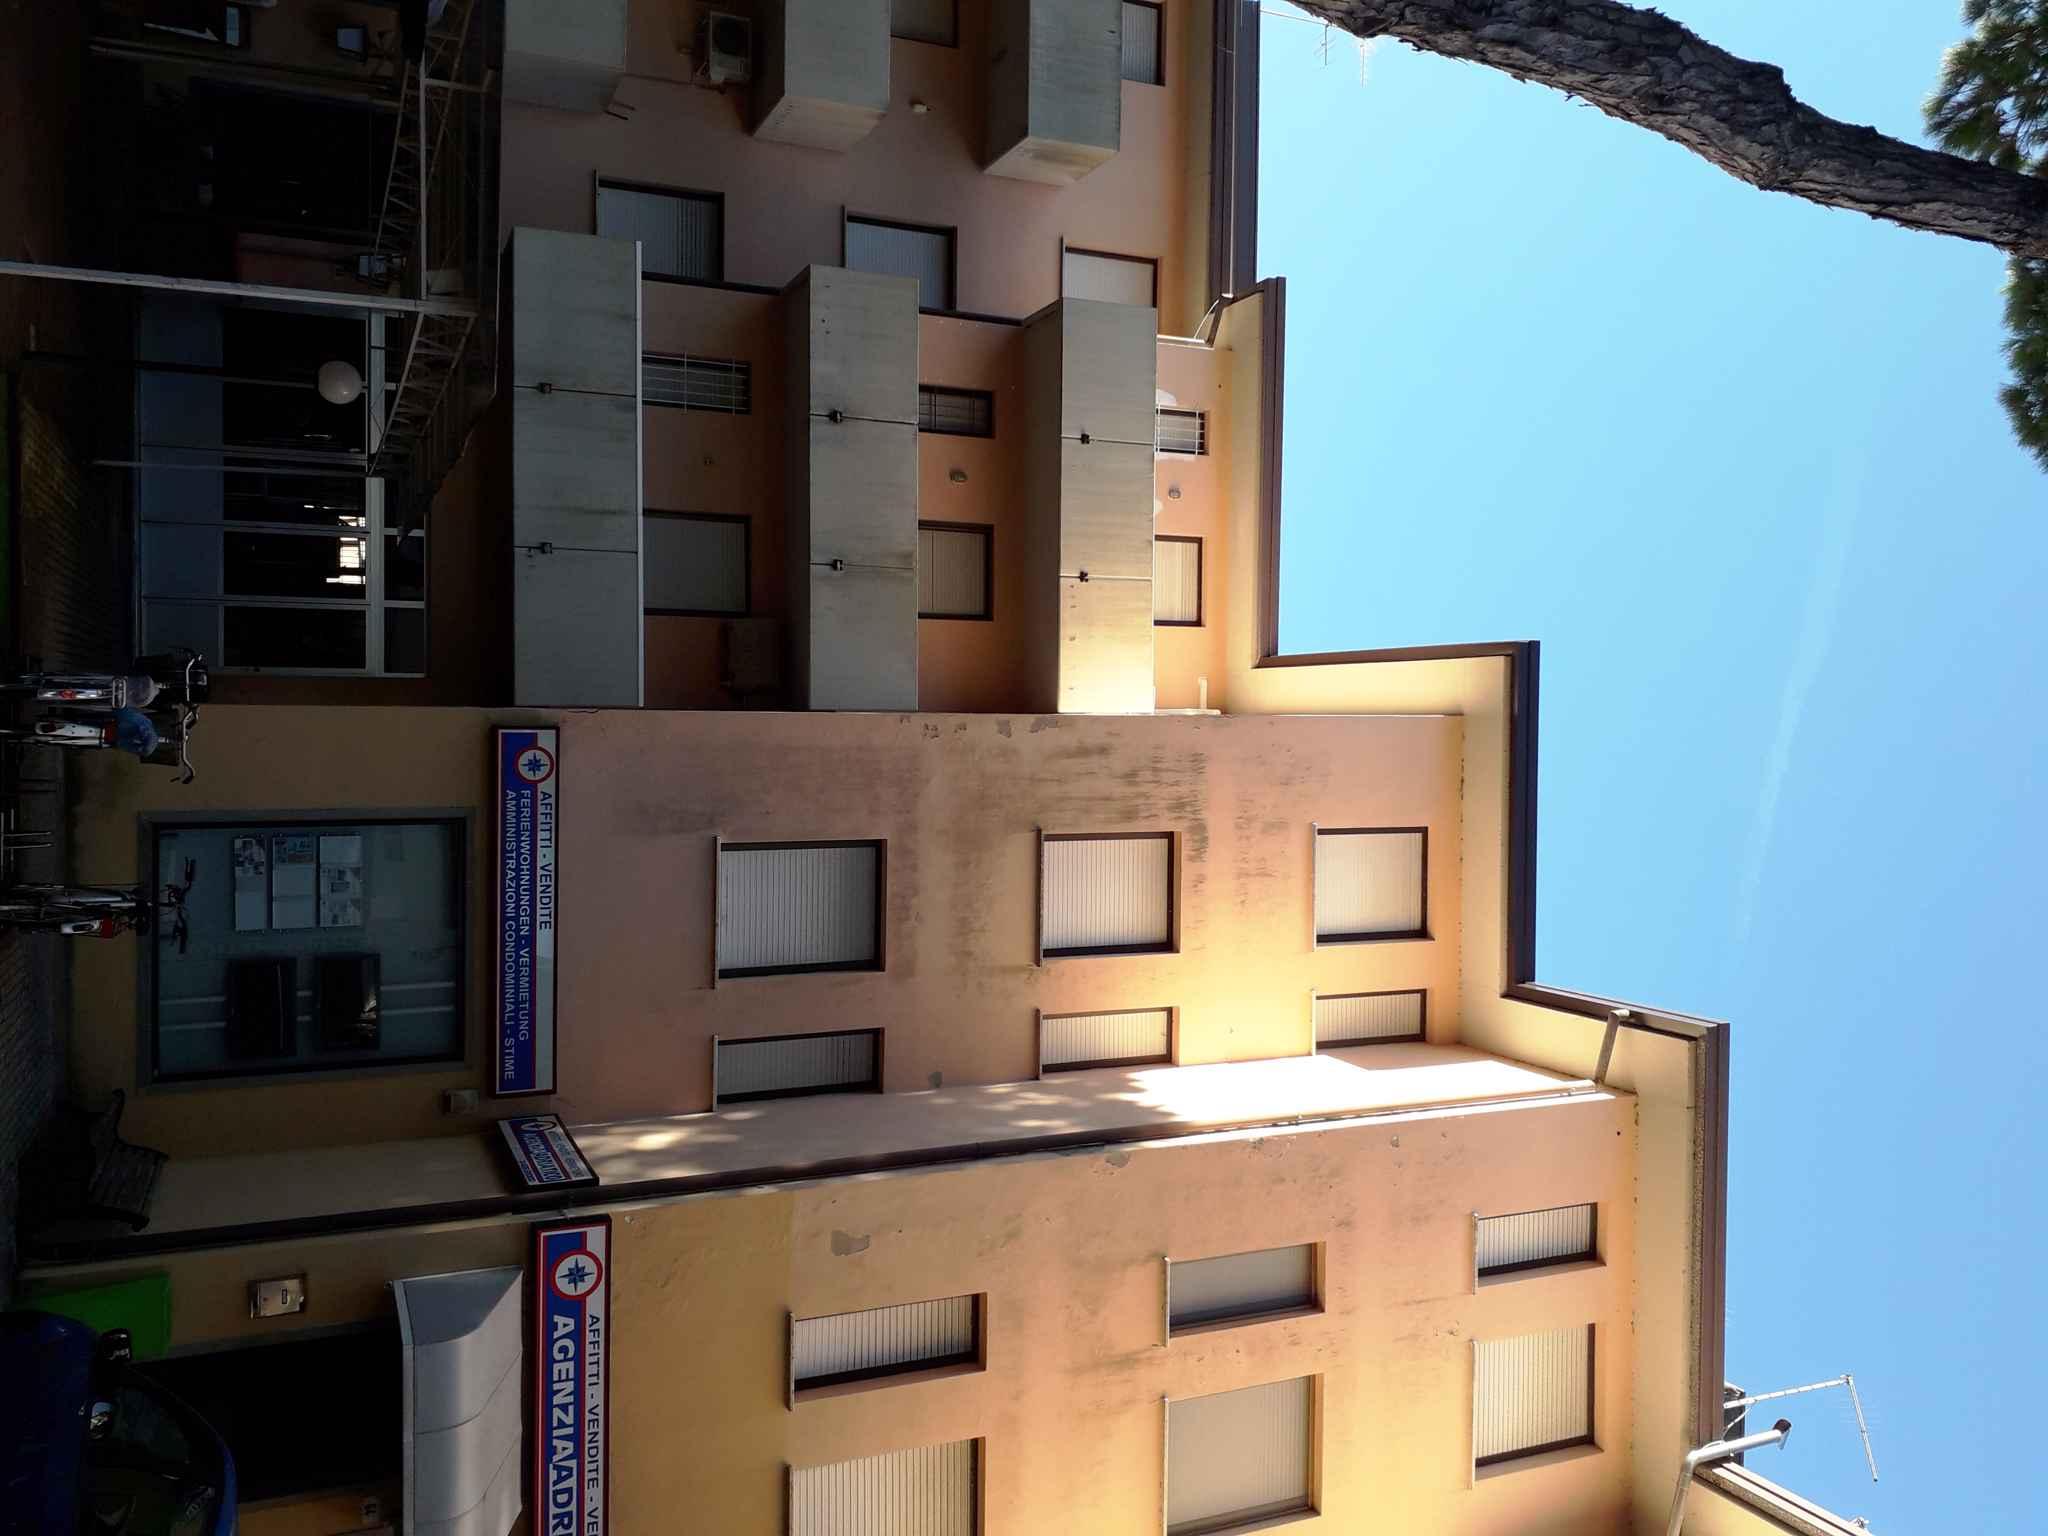 Ferienwohnung mit Balkon (284339), Rosolina Mare, Rovigo, Venetien, Italien, Bild 3